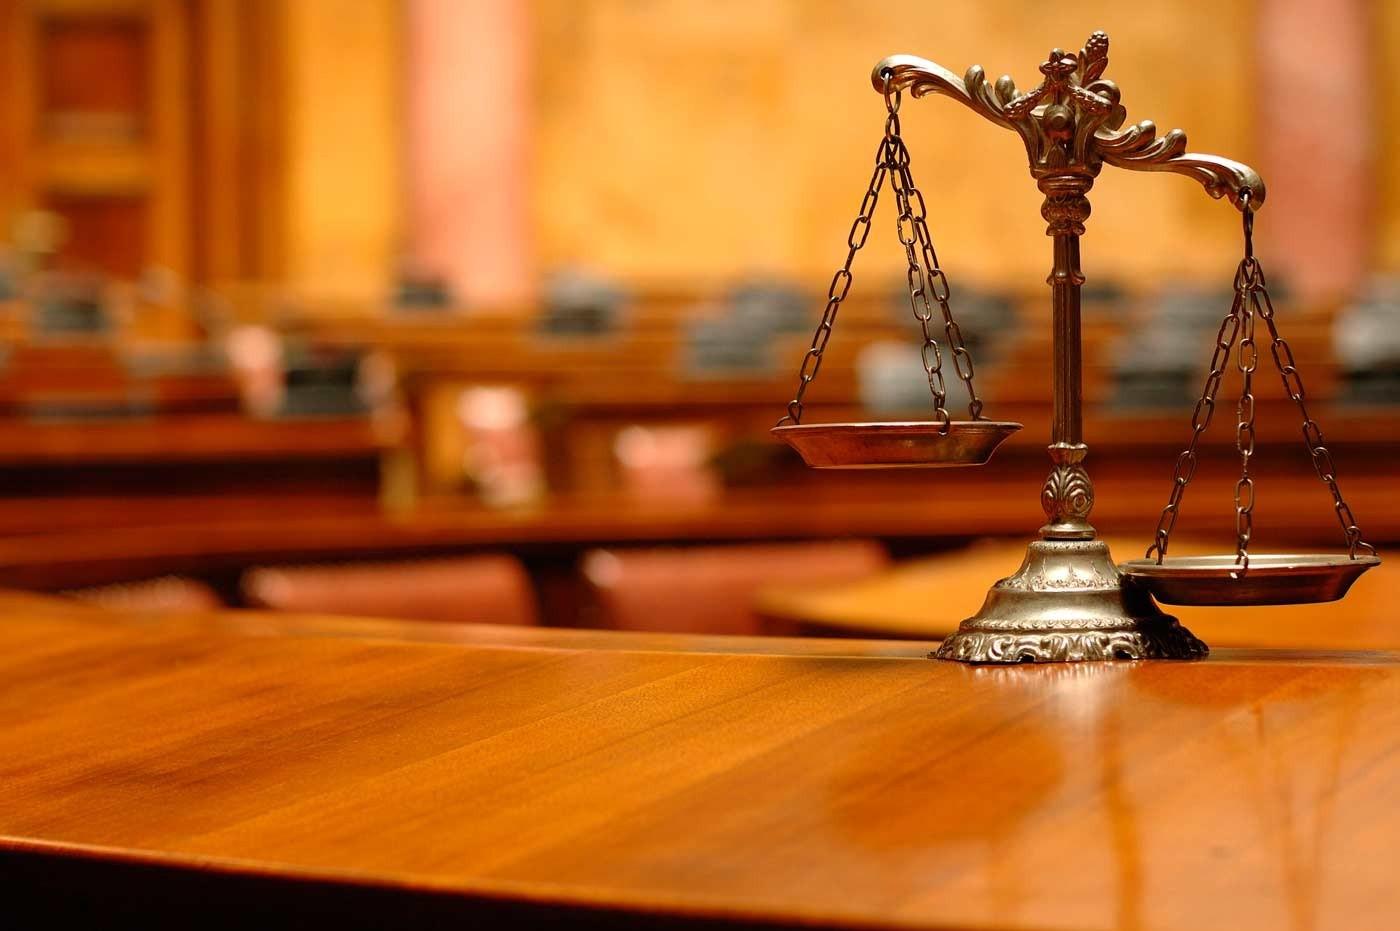 «От воровства до убийства» – в Ташкентской области вынесен приговор опасному преступнику